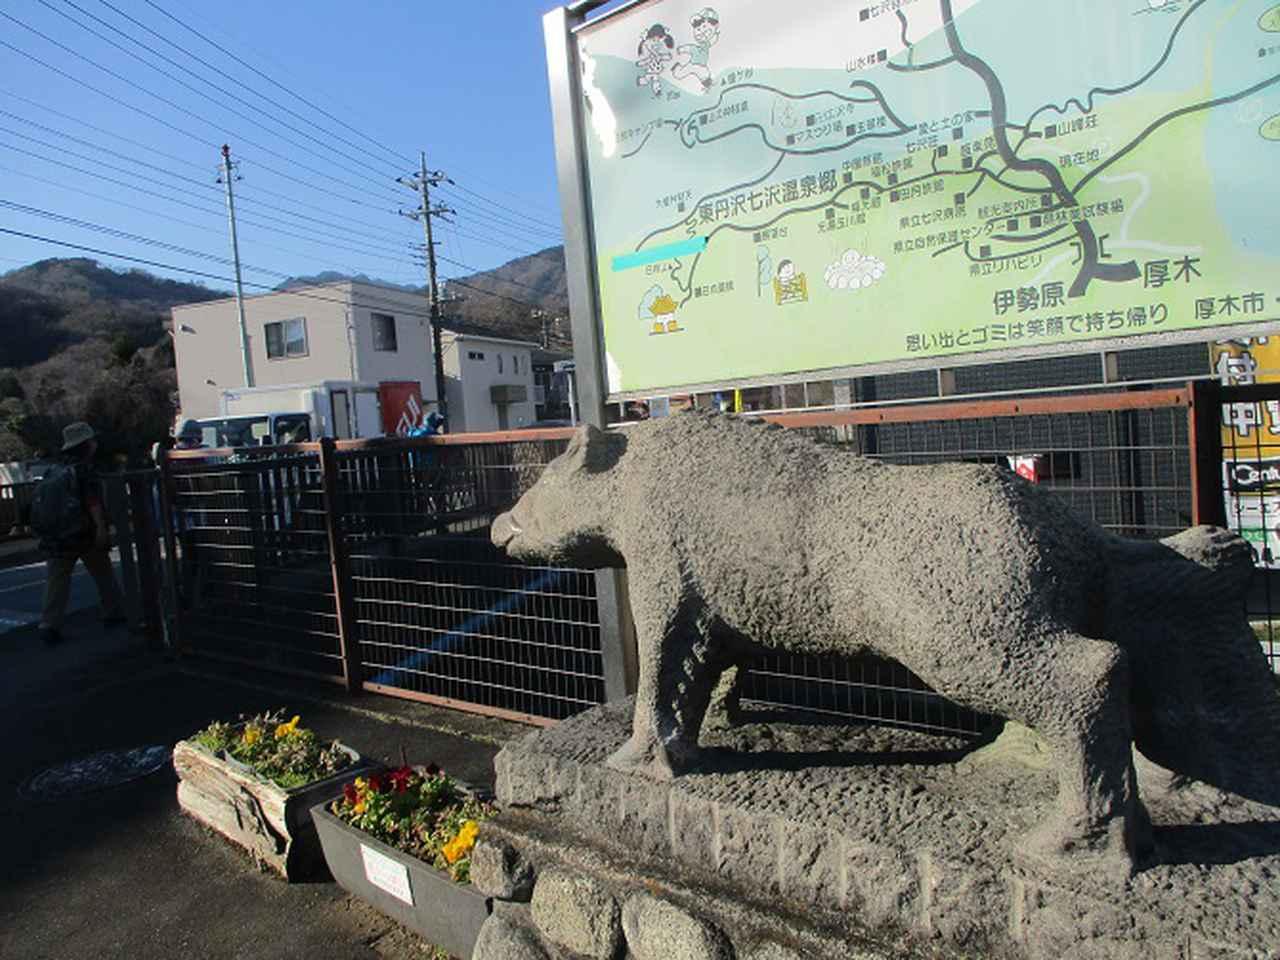 画像16: 1月21日に岡田ガイドのコースで 丹沢白山 へ行ってきました♪